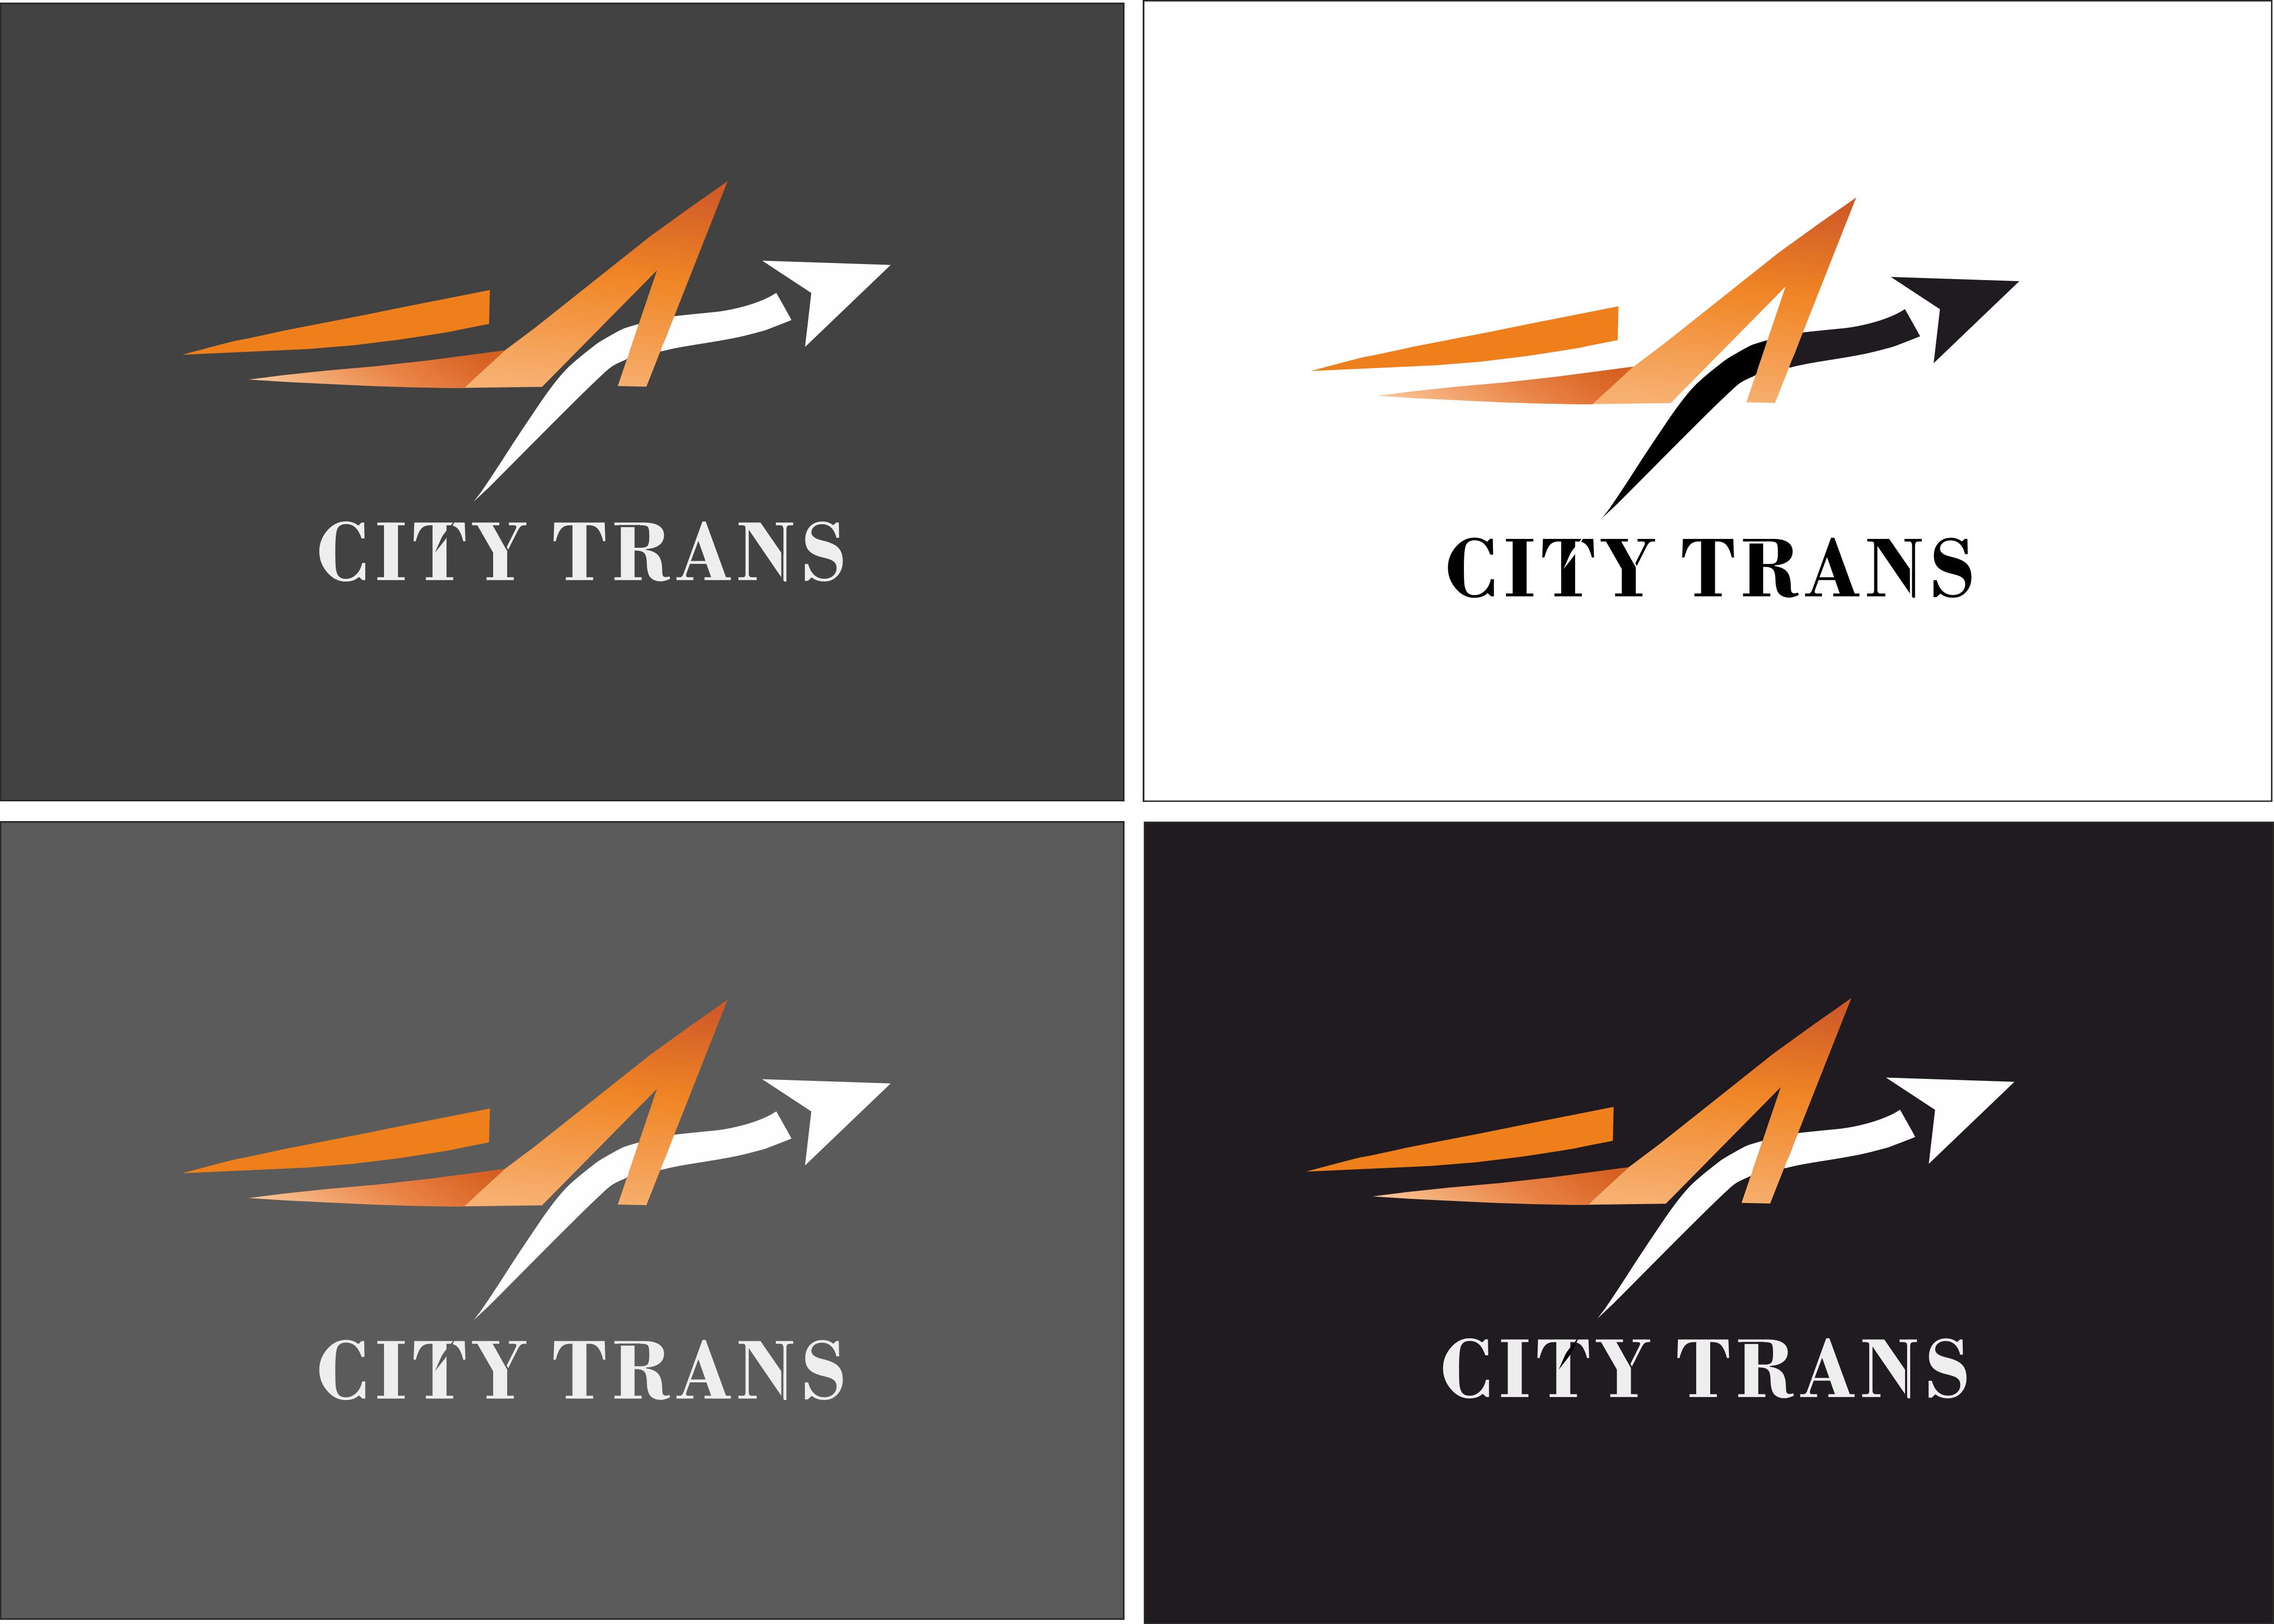 Разработка Логотипа транспортной компании фото f_7115e6d248a991af.png